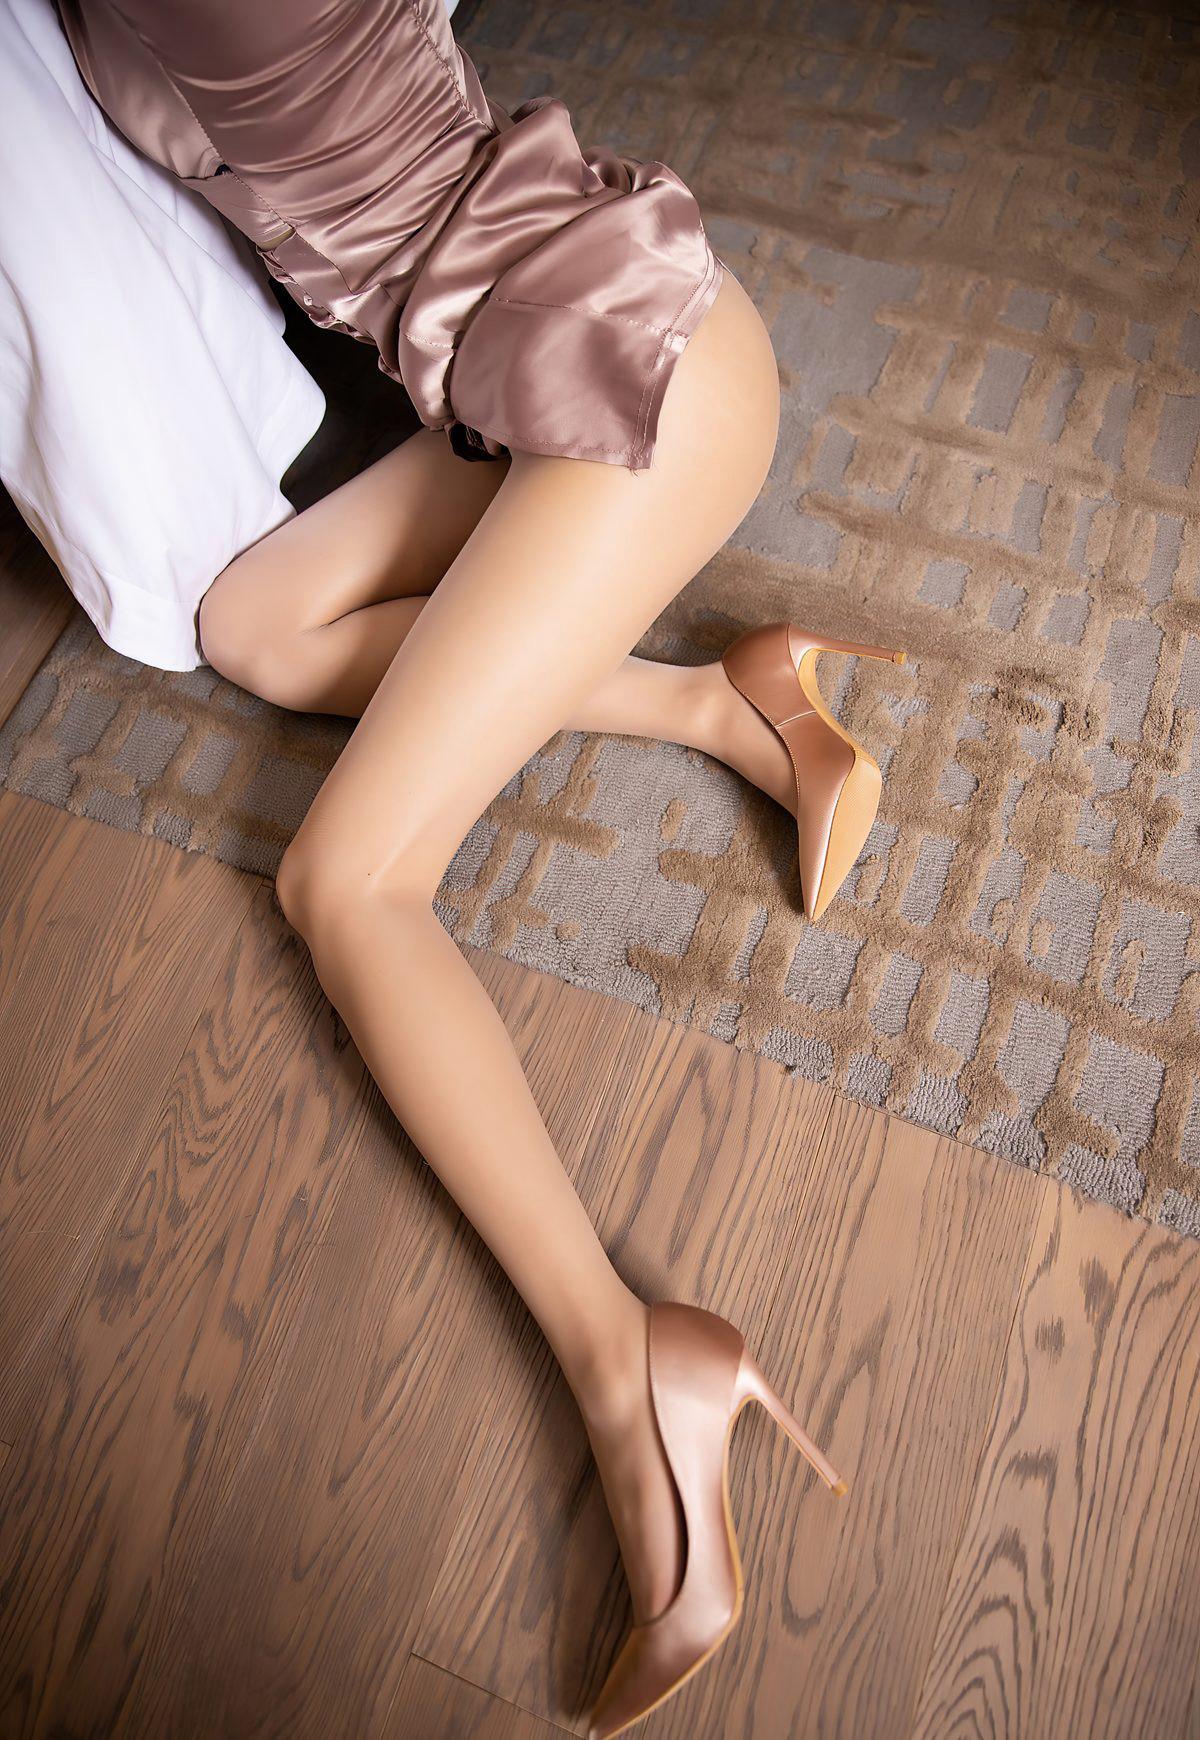 杨晨晨sugar2021性感旗袍诱惑肉丝袜美腿高清玉足高跟-91-『游乐宫』Youlegong.com 第4张